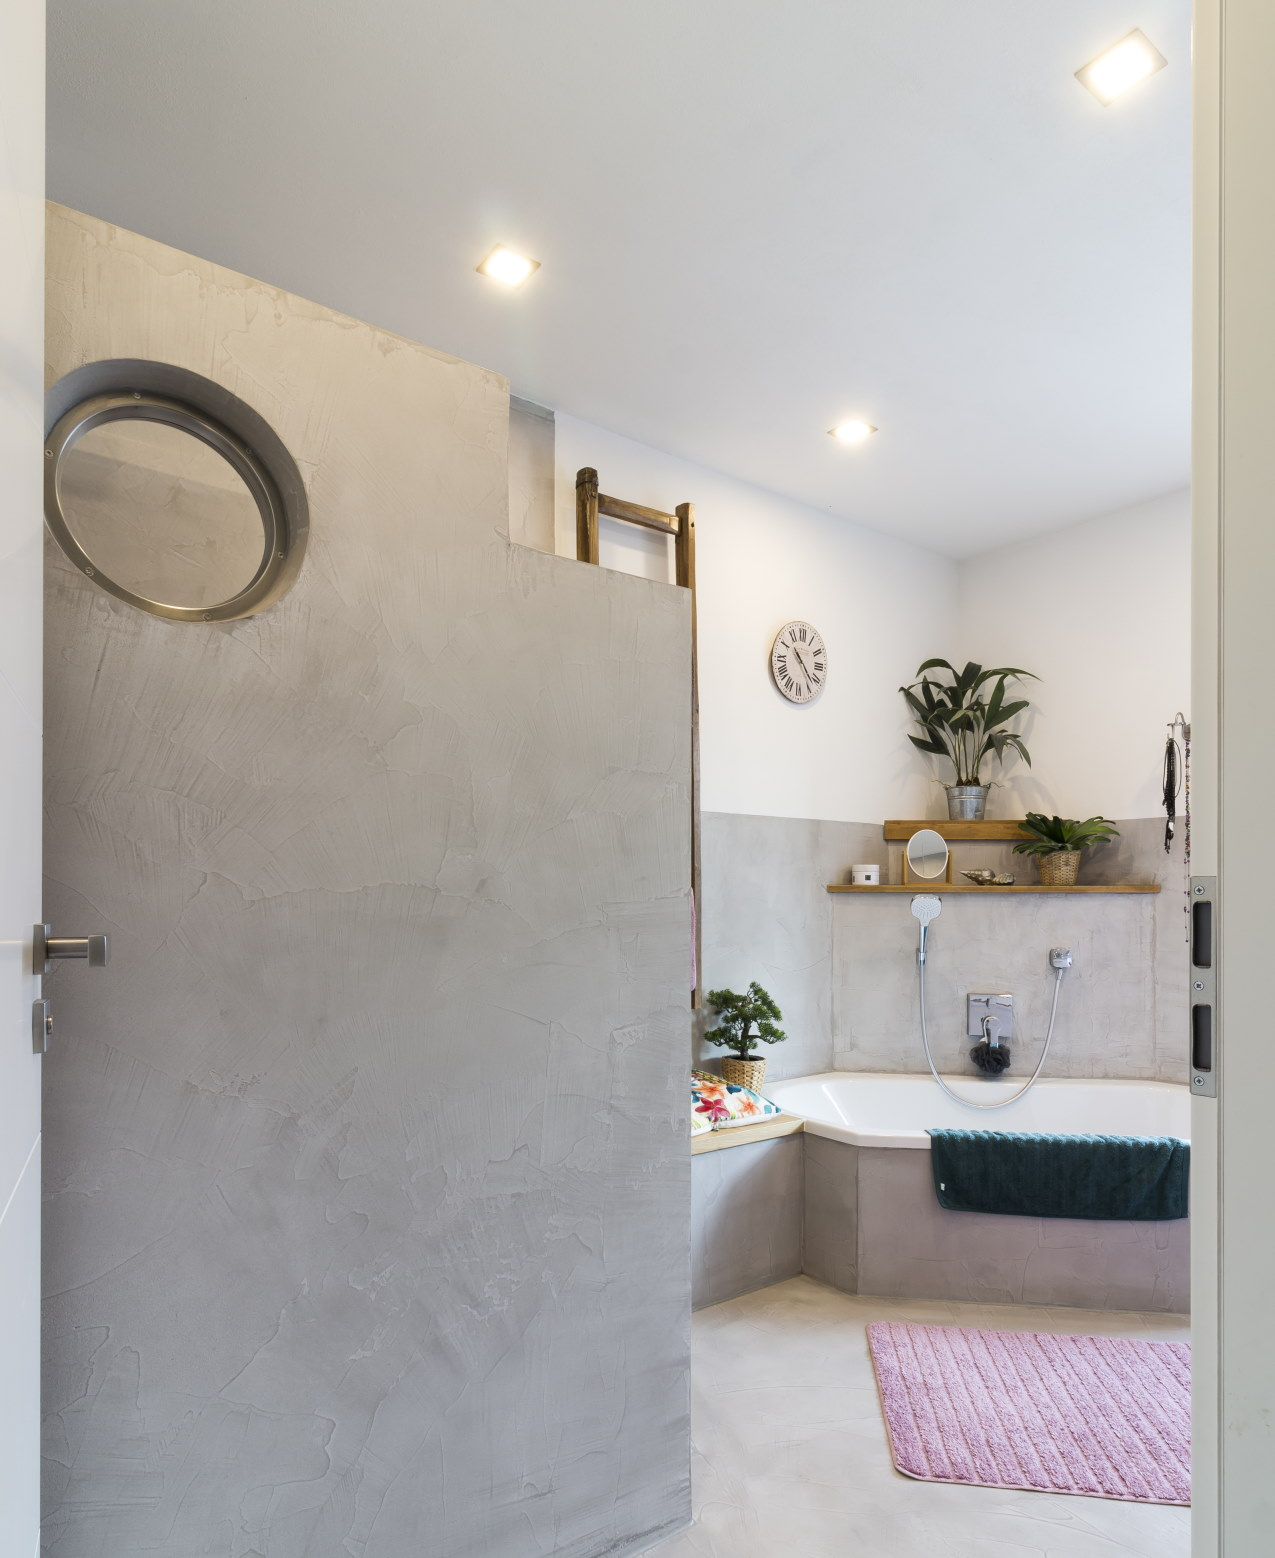 mainTisch mainBeton Badezimmer Dusche Beton Beton Cire fugenlos 11-1